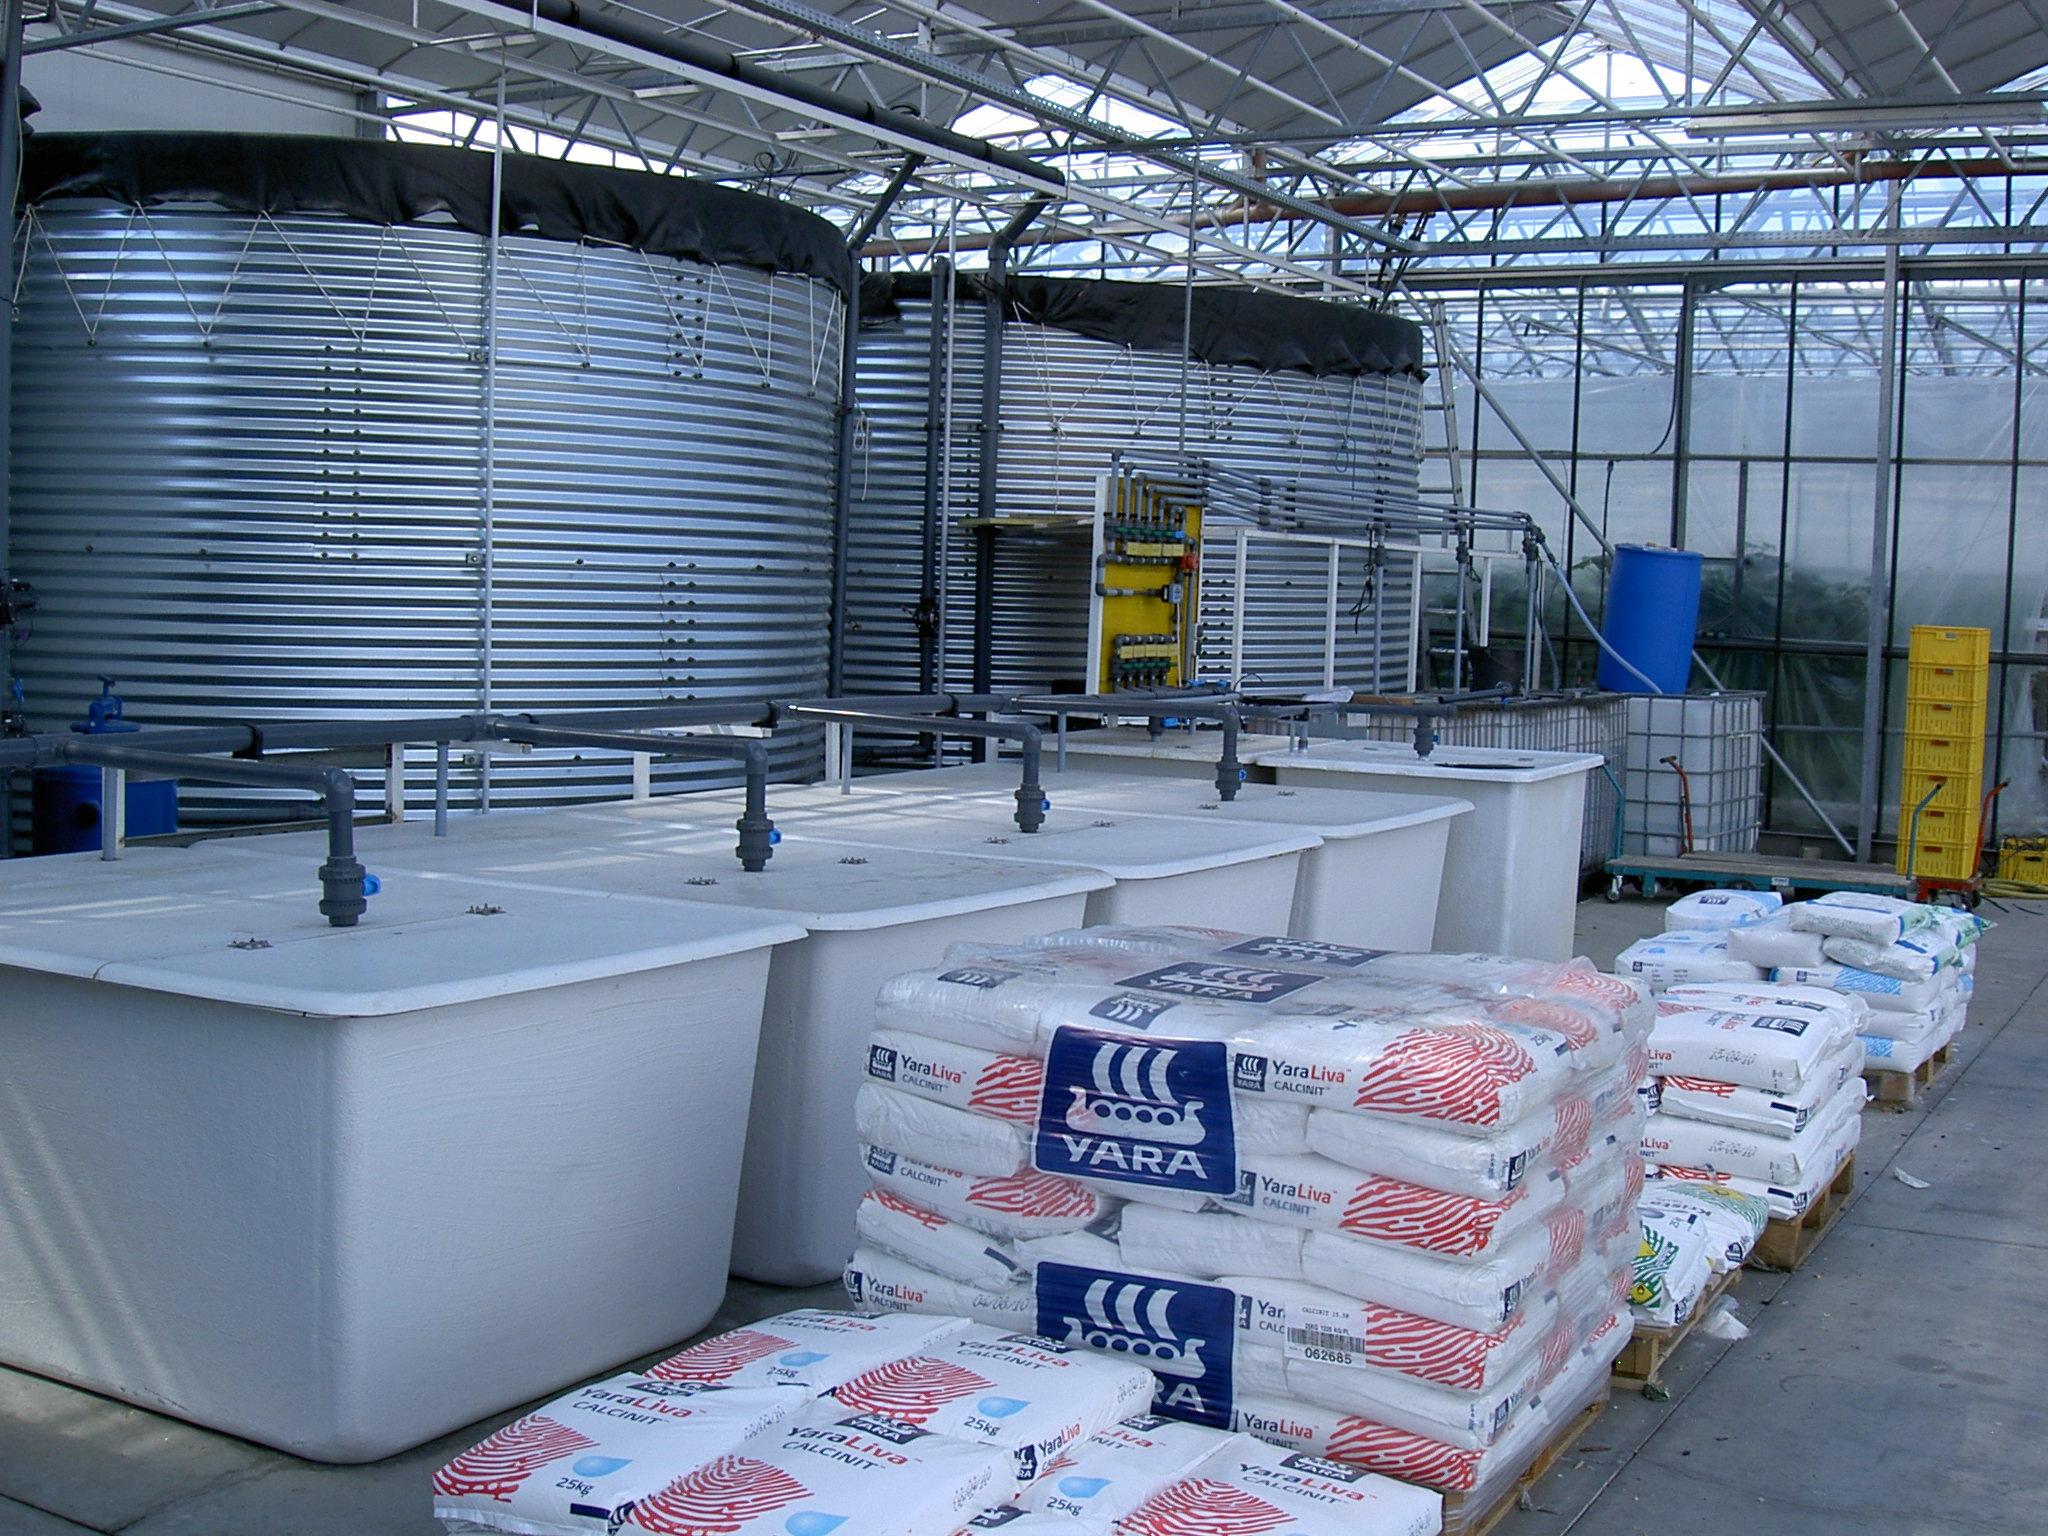 Nährstoffe werden über das Bewässerungssystem dosiert.